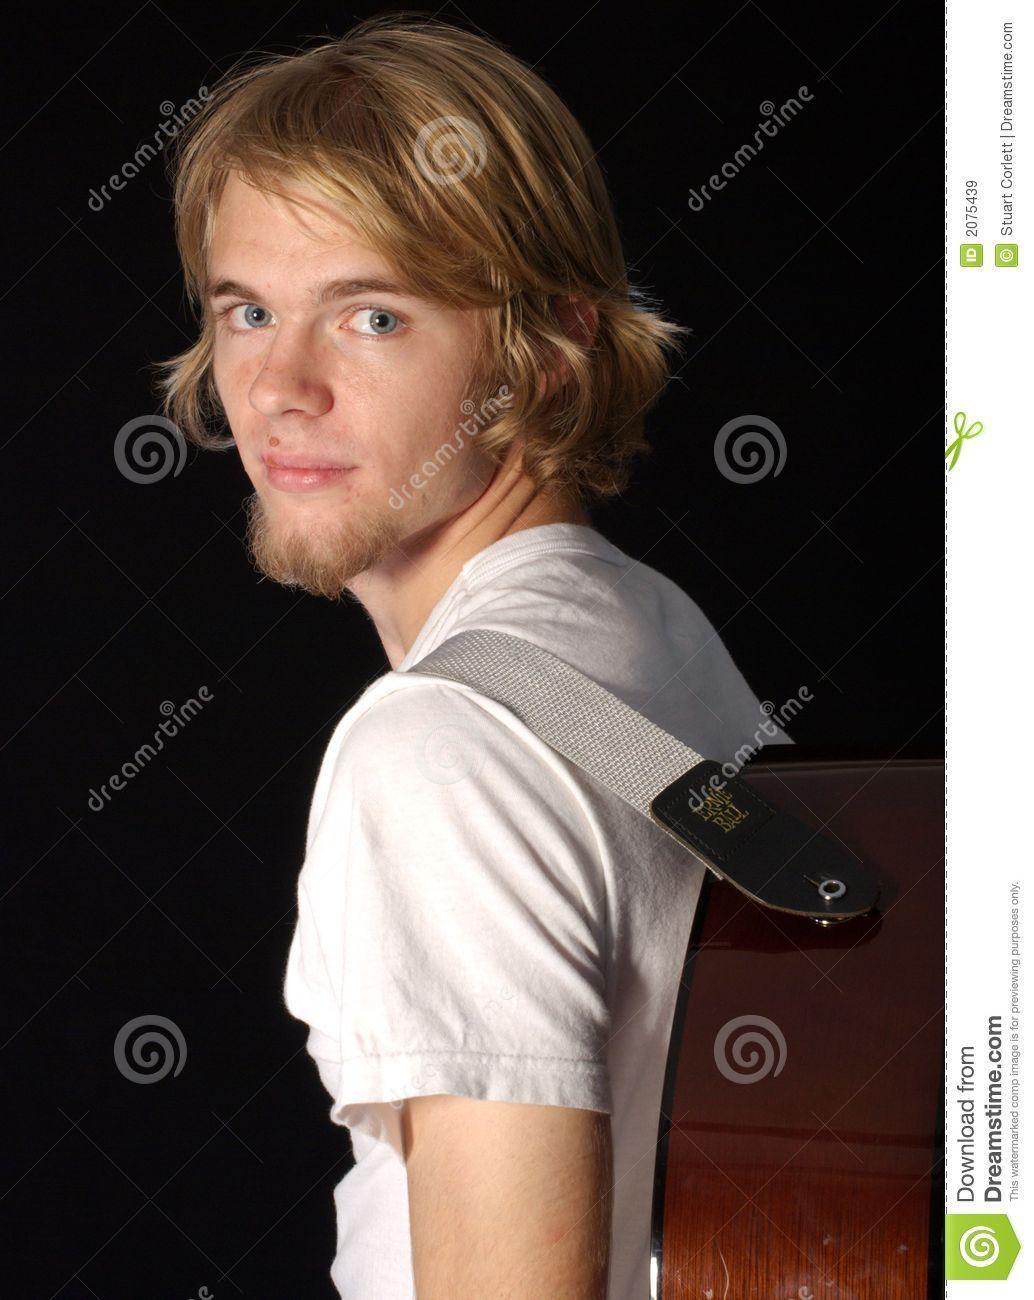 Hot redhead teen virgin